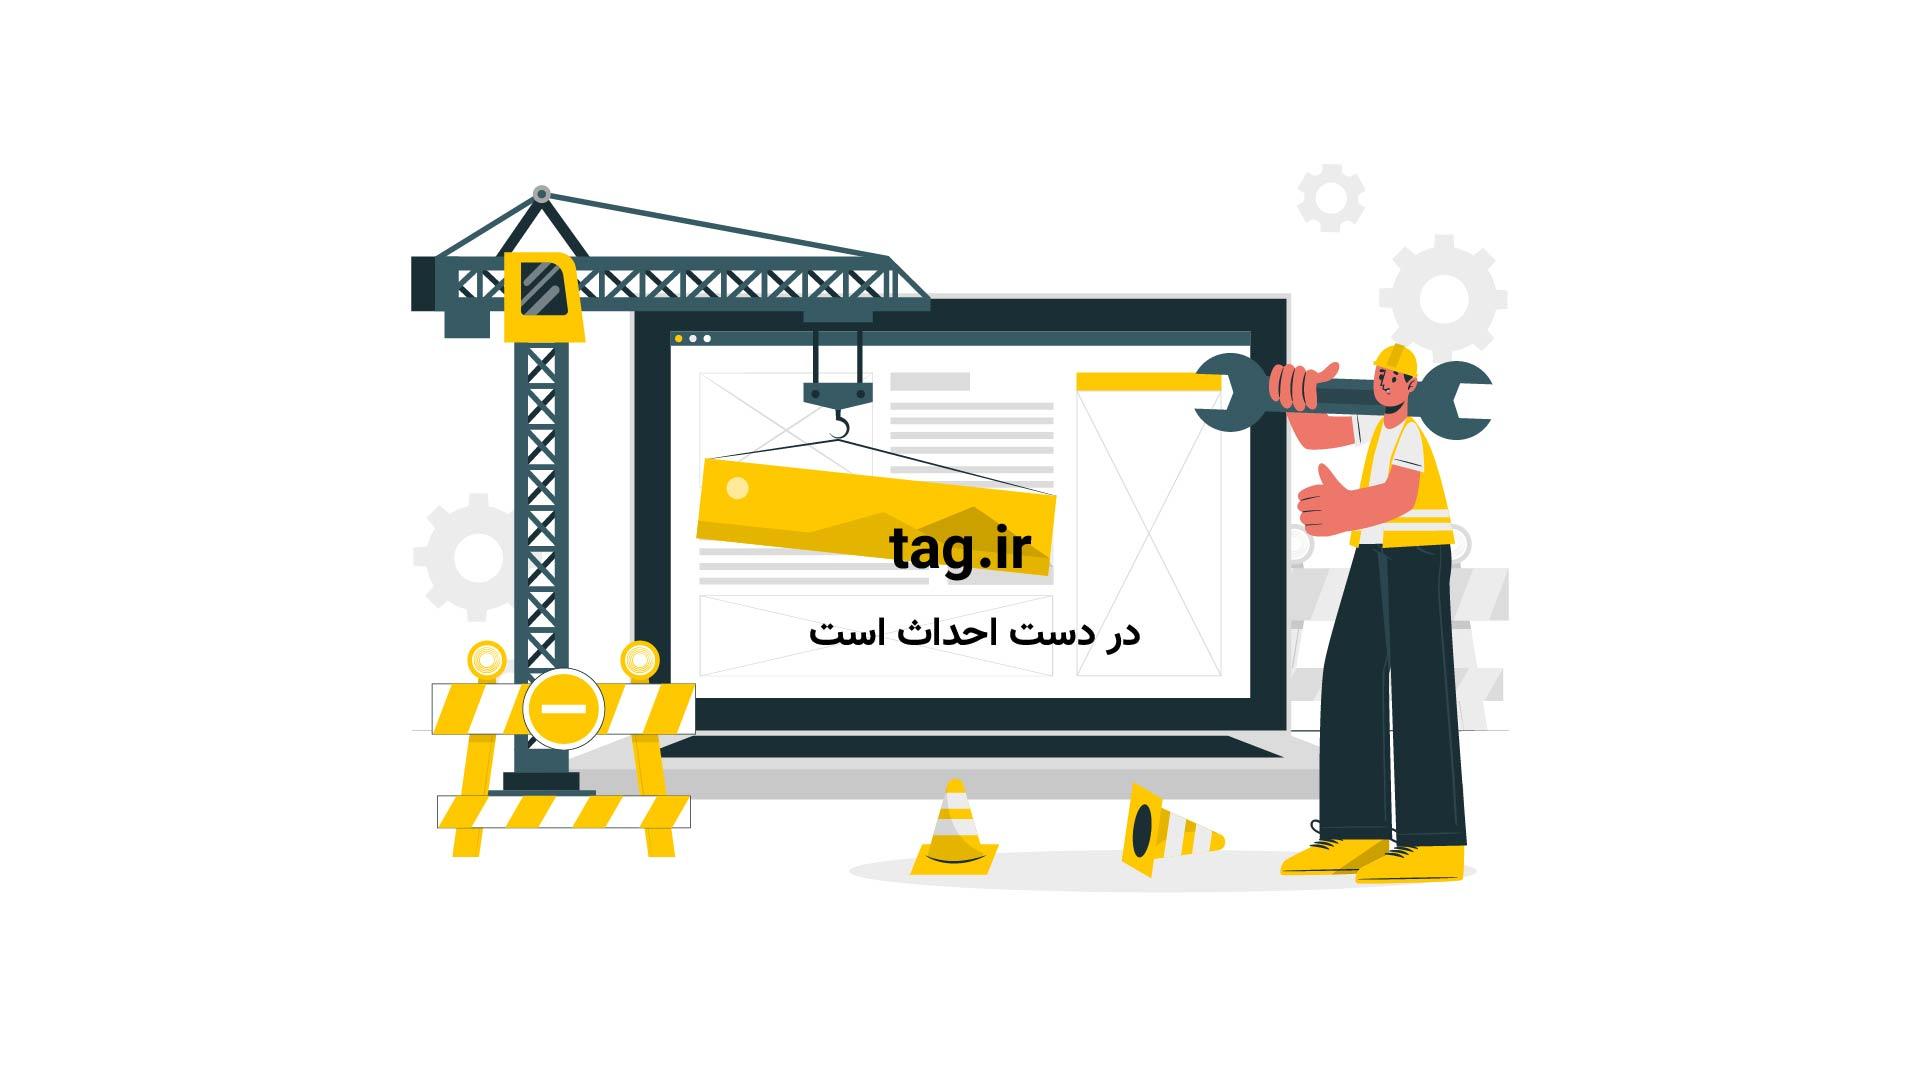 تغییرات چهره اوباما از ابتدا تا انتهای ریاست جمهوری آمریکا | فیلم